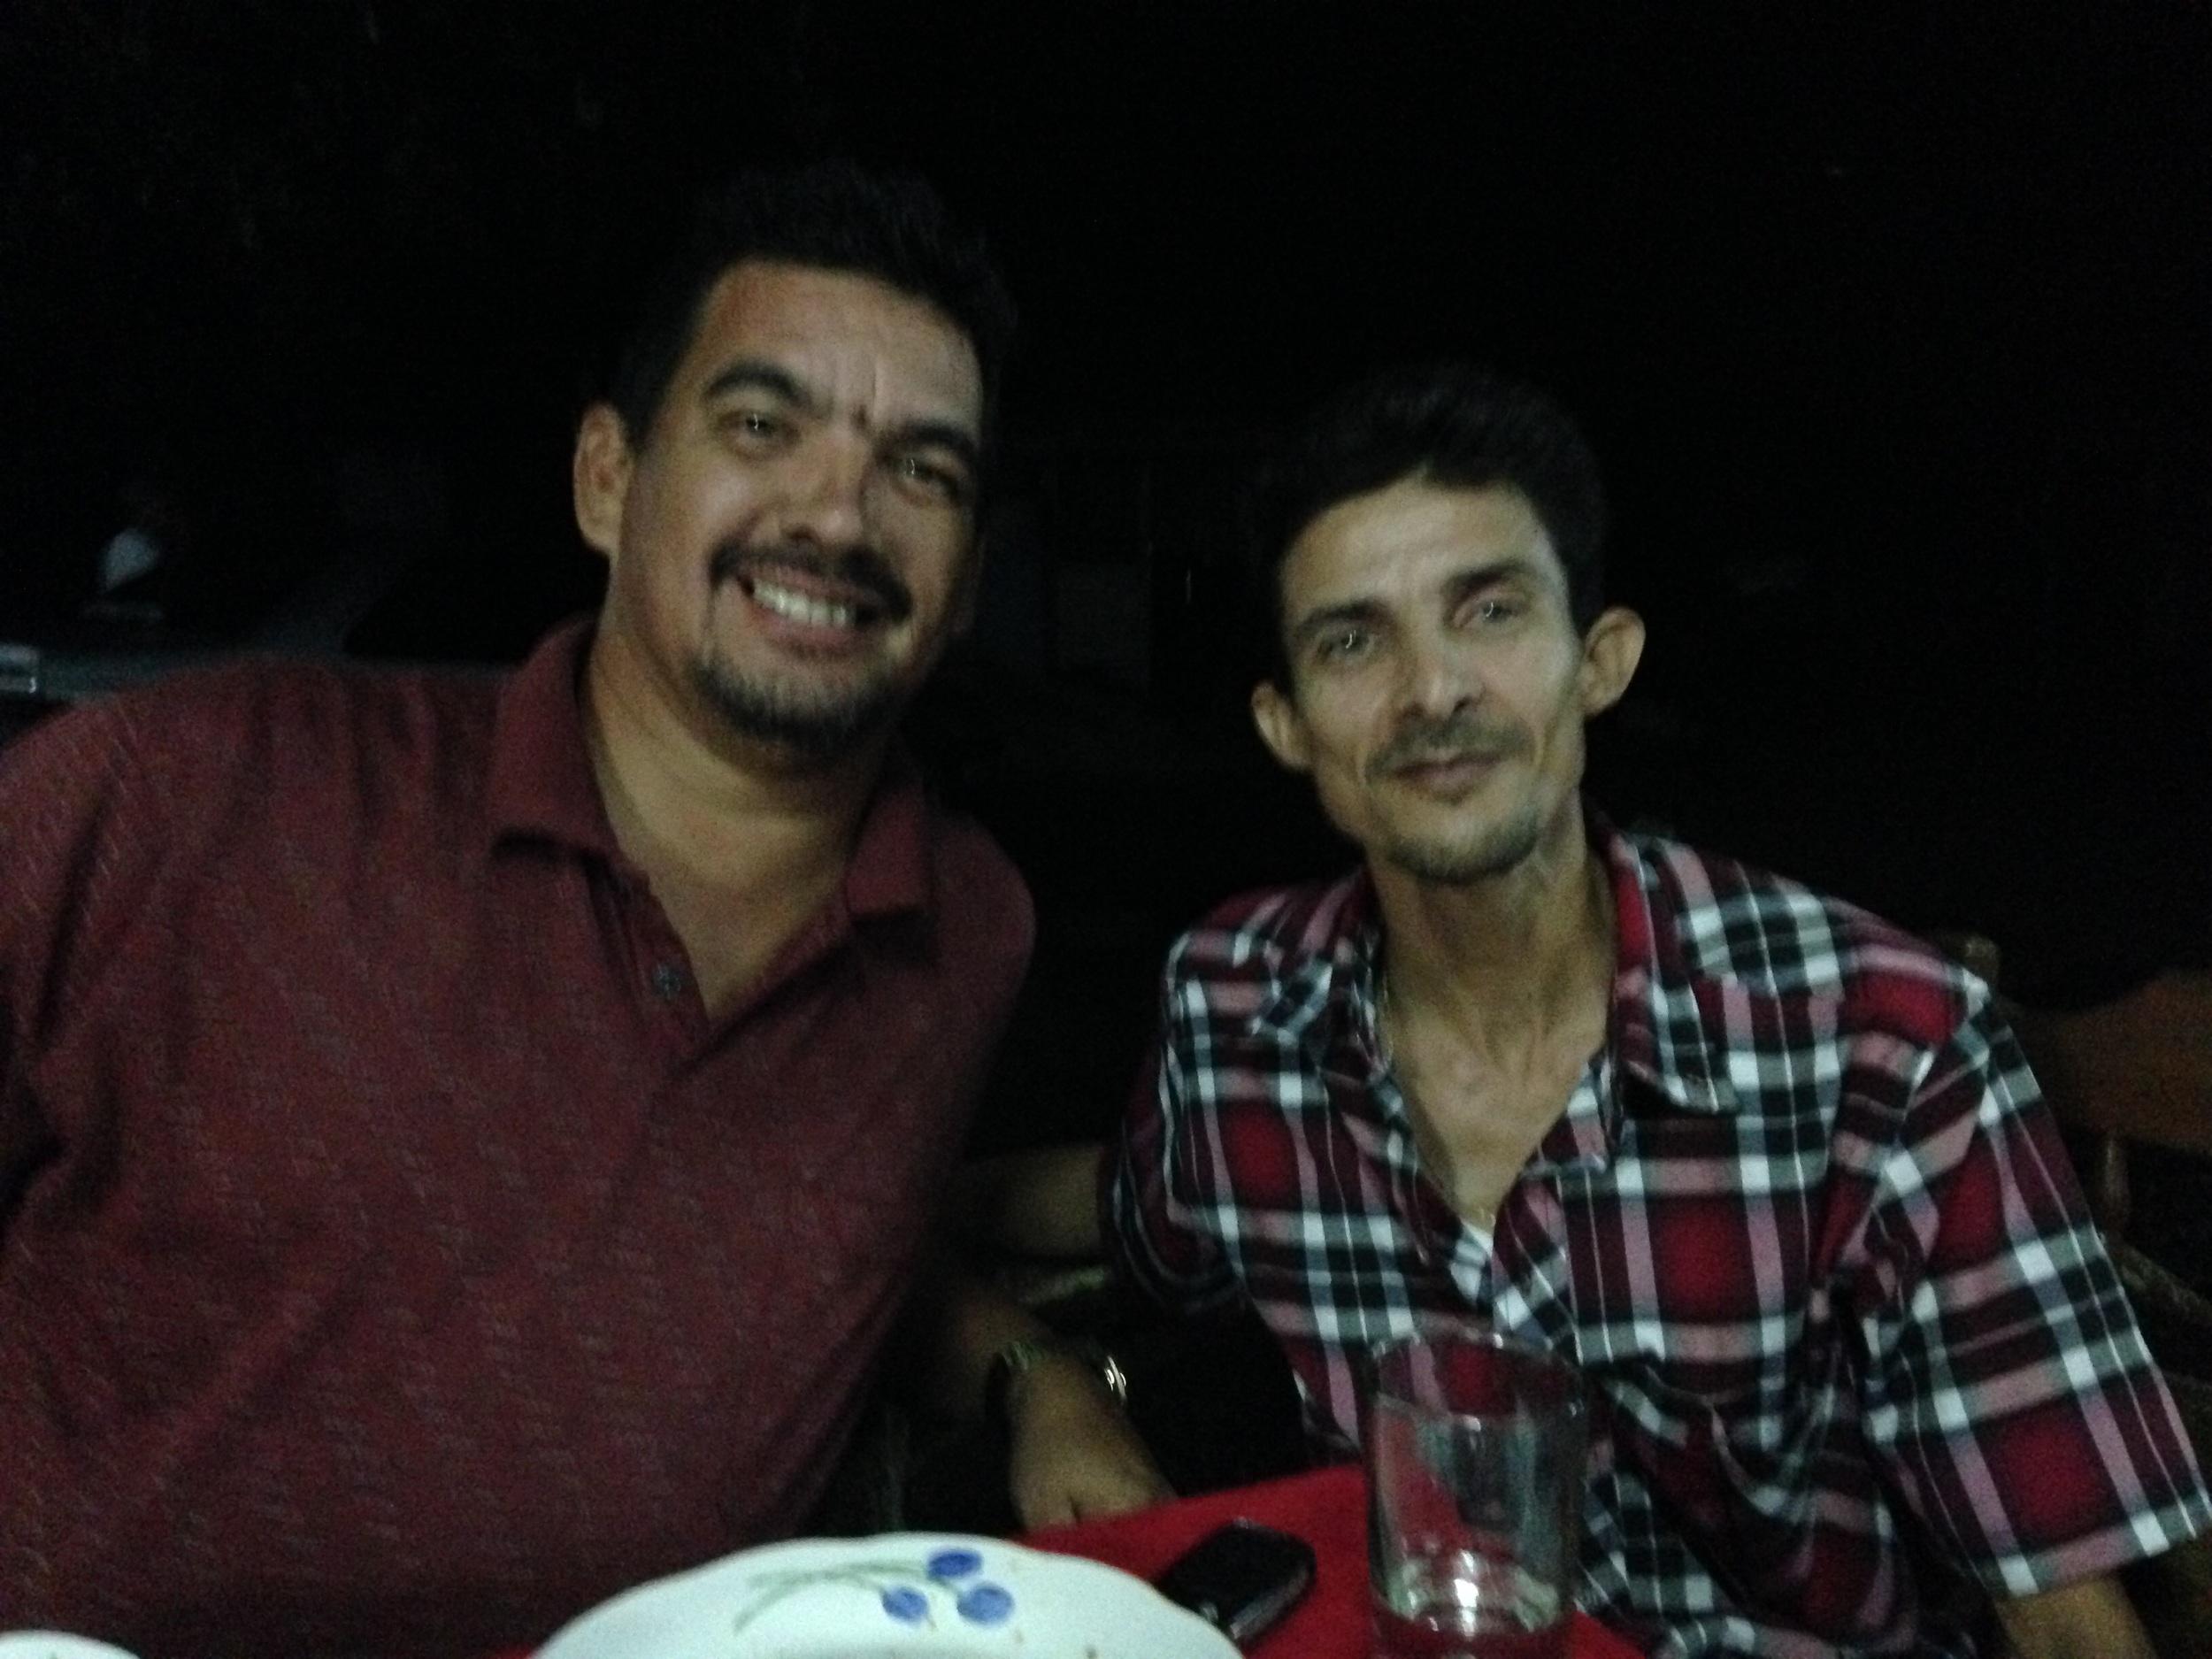 New friends in Cuba